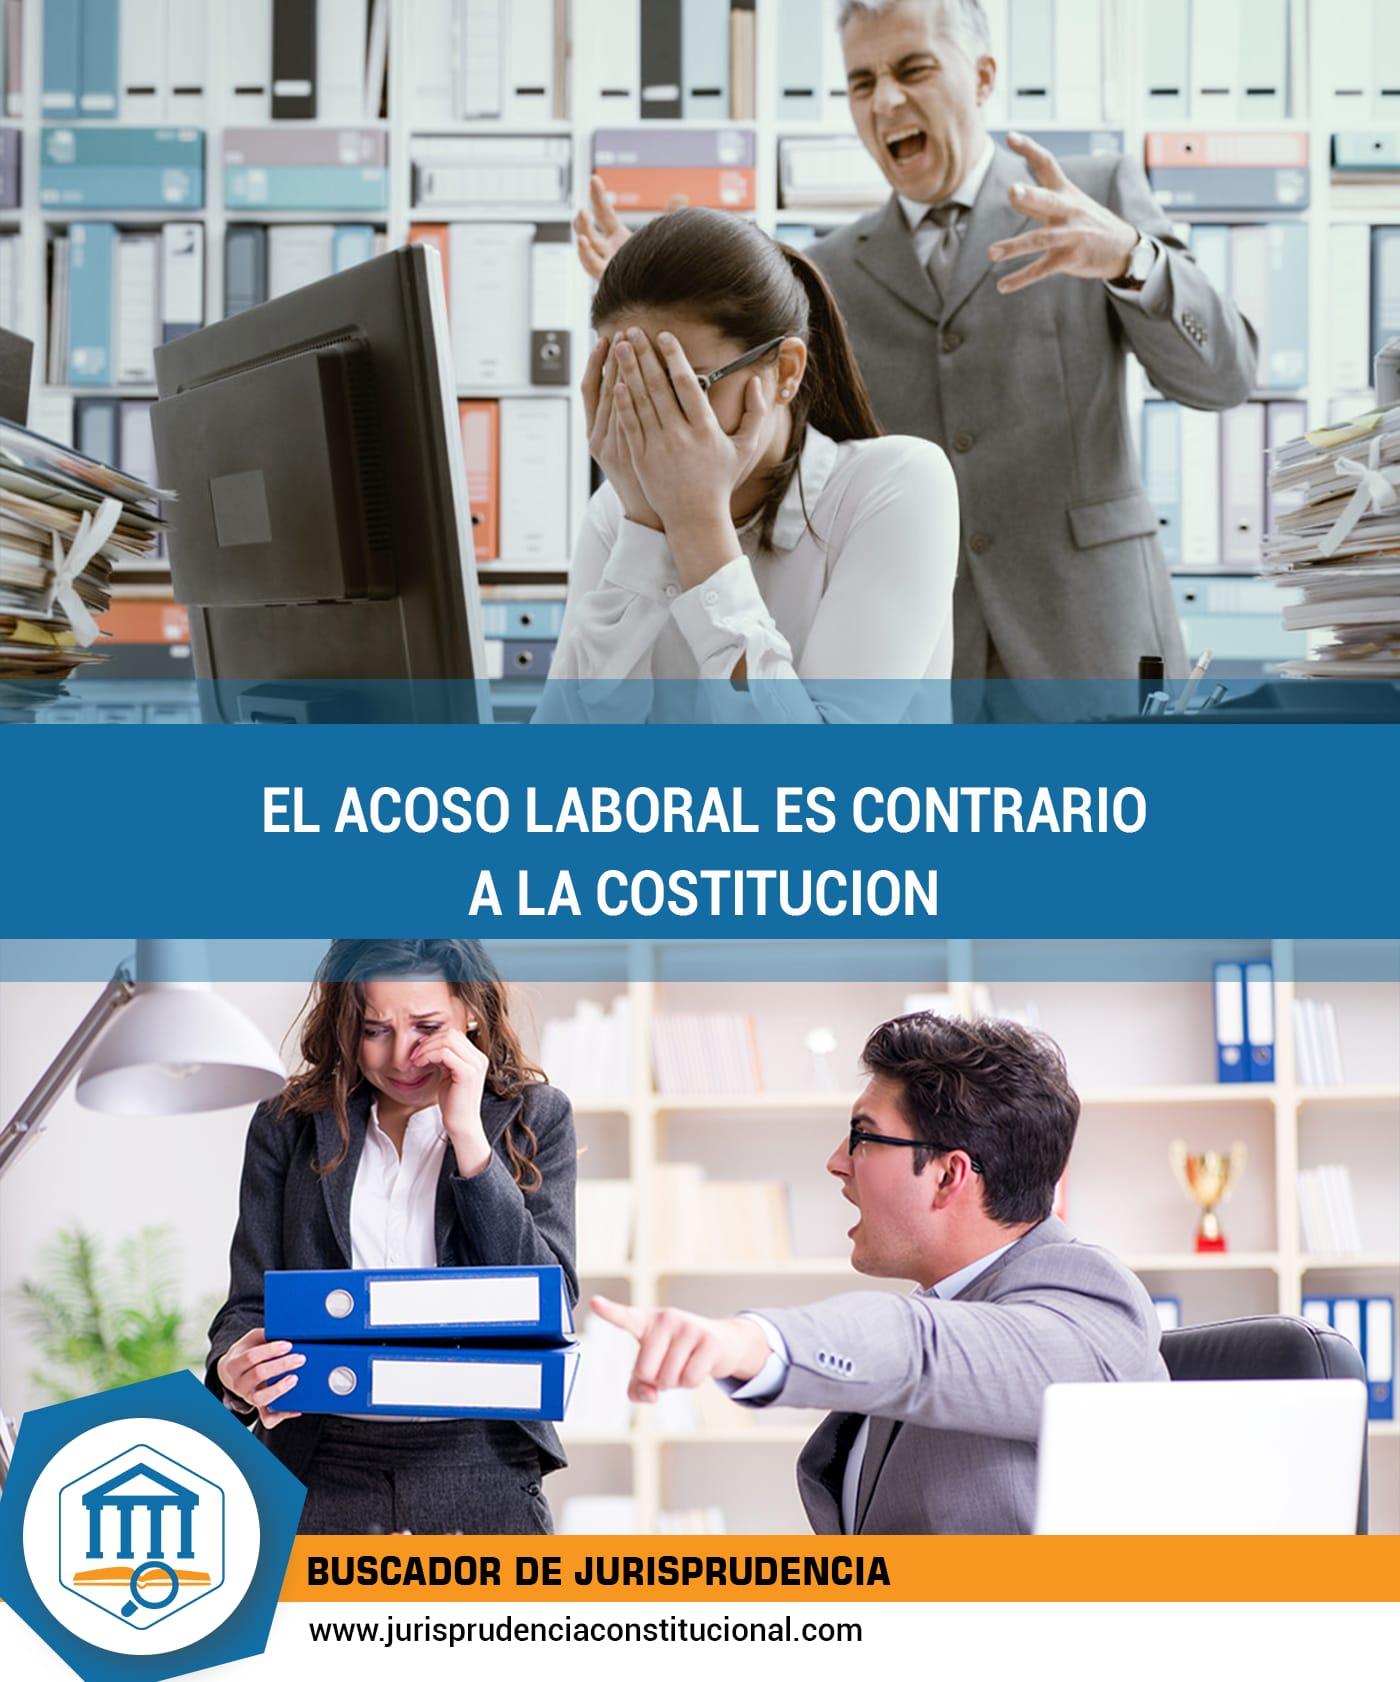 EL ACOSO LABORAL ES CONTRARIO A LA CONSTITUCIÓN